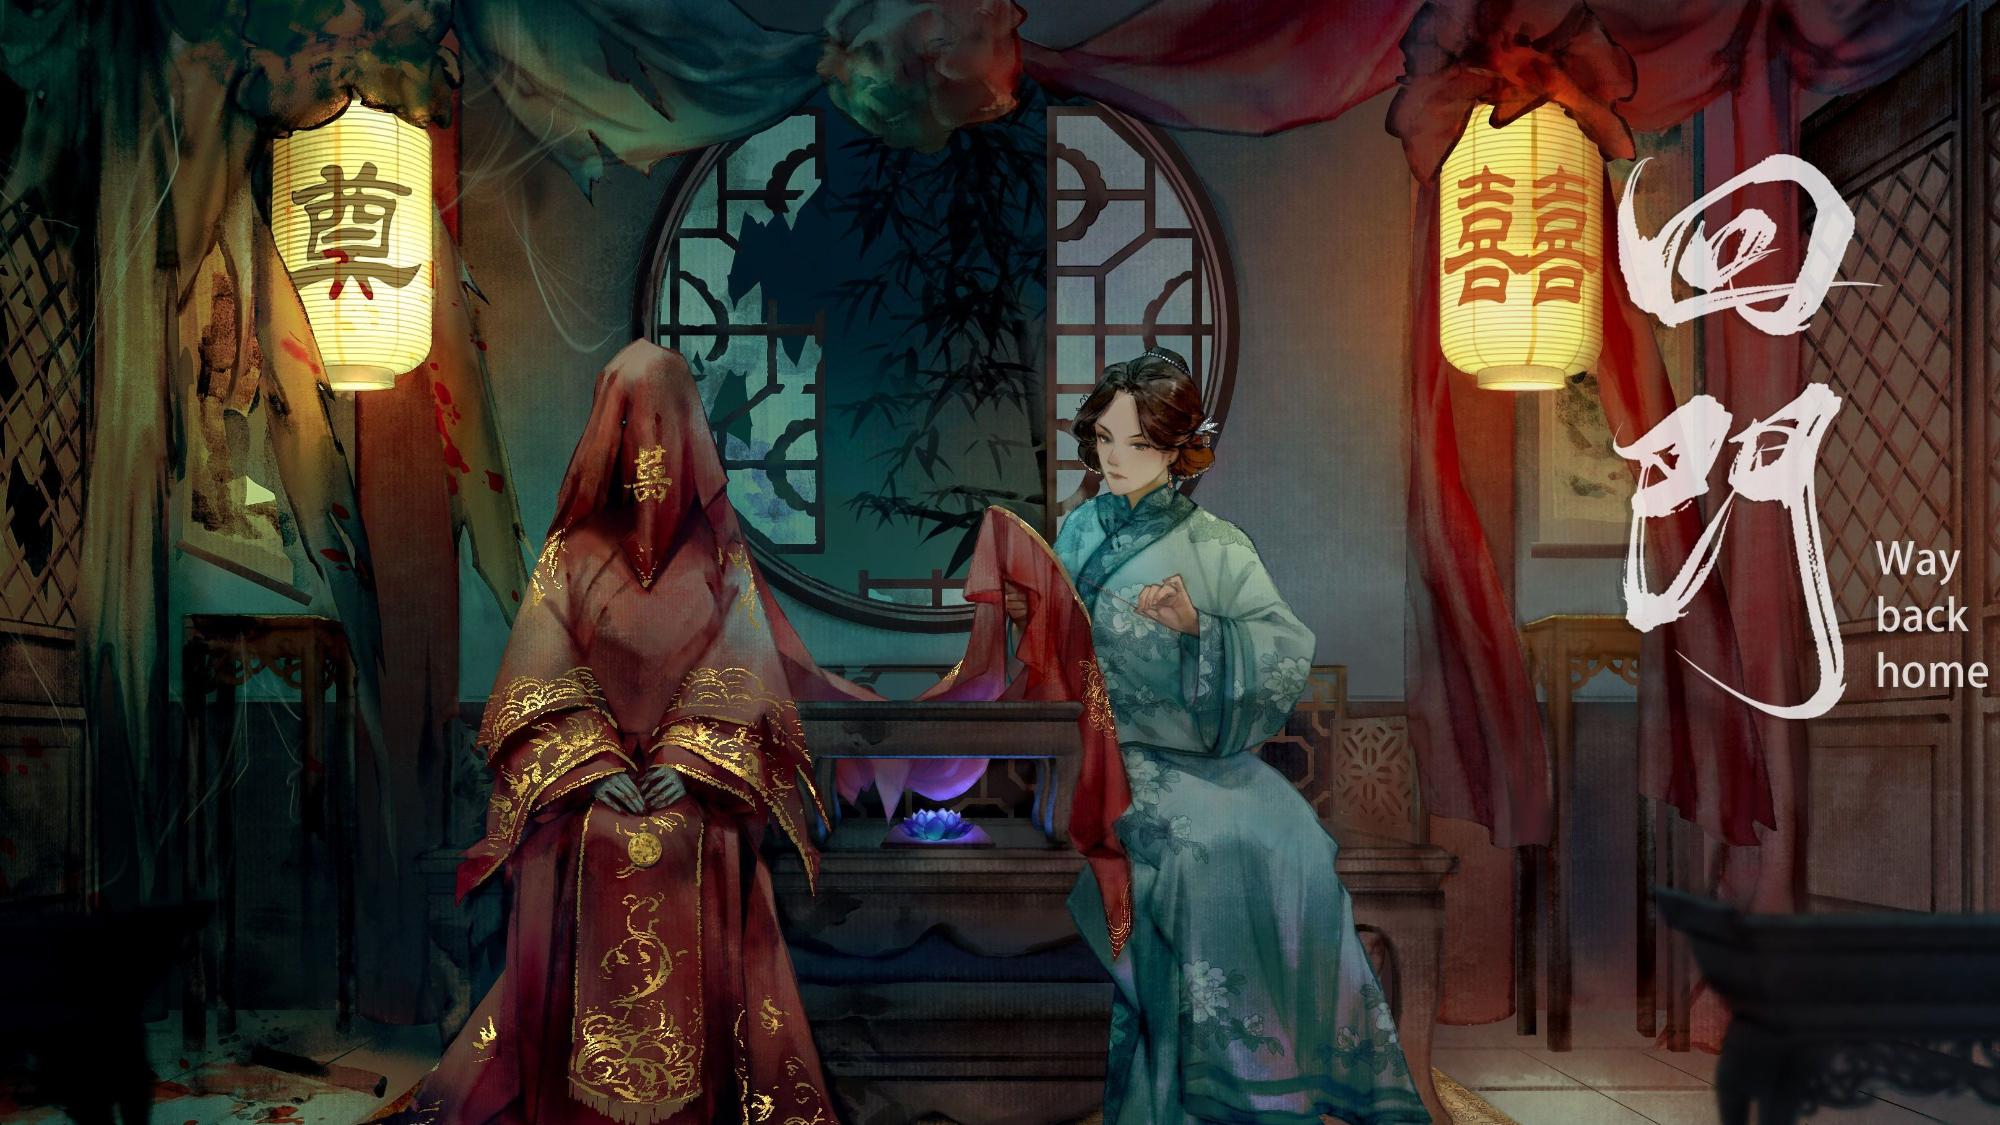 血色嫁衣,交织的命运~国产民俗恐怖游戏《回门》剧情向速通(序章)